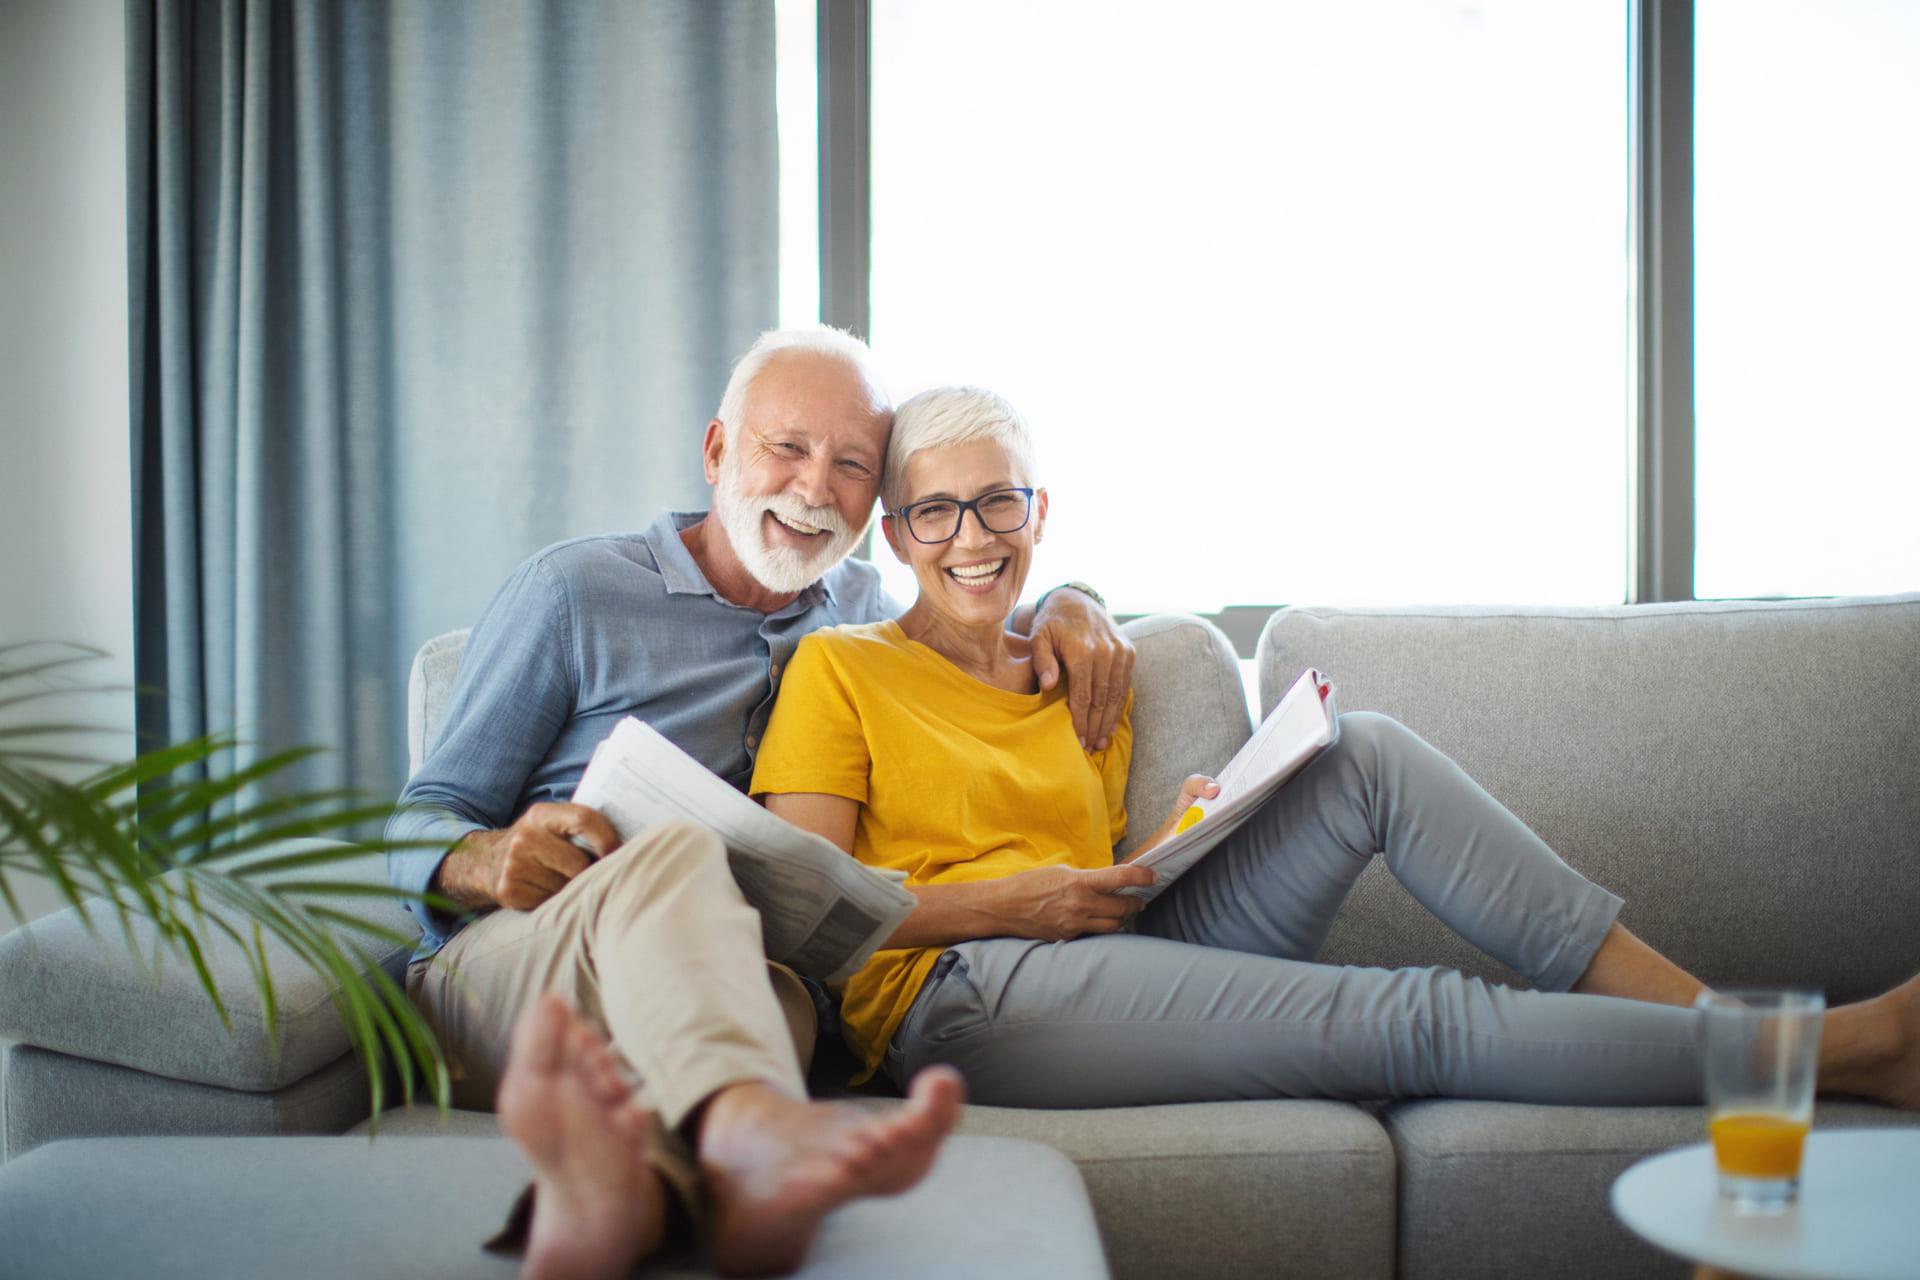 Älteres Ehepaar sitzt auf der Couch und lacht in die Kamera